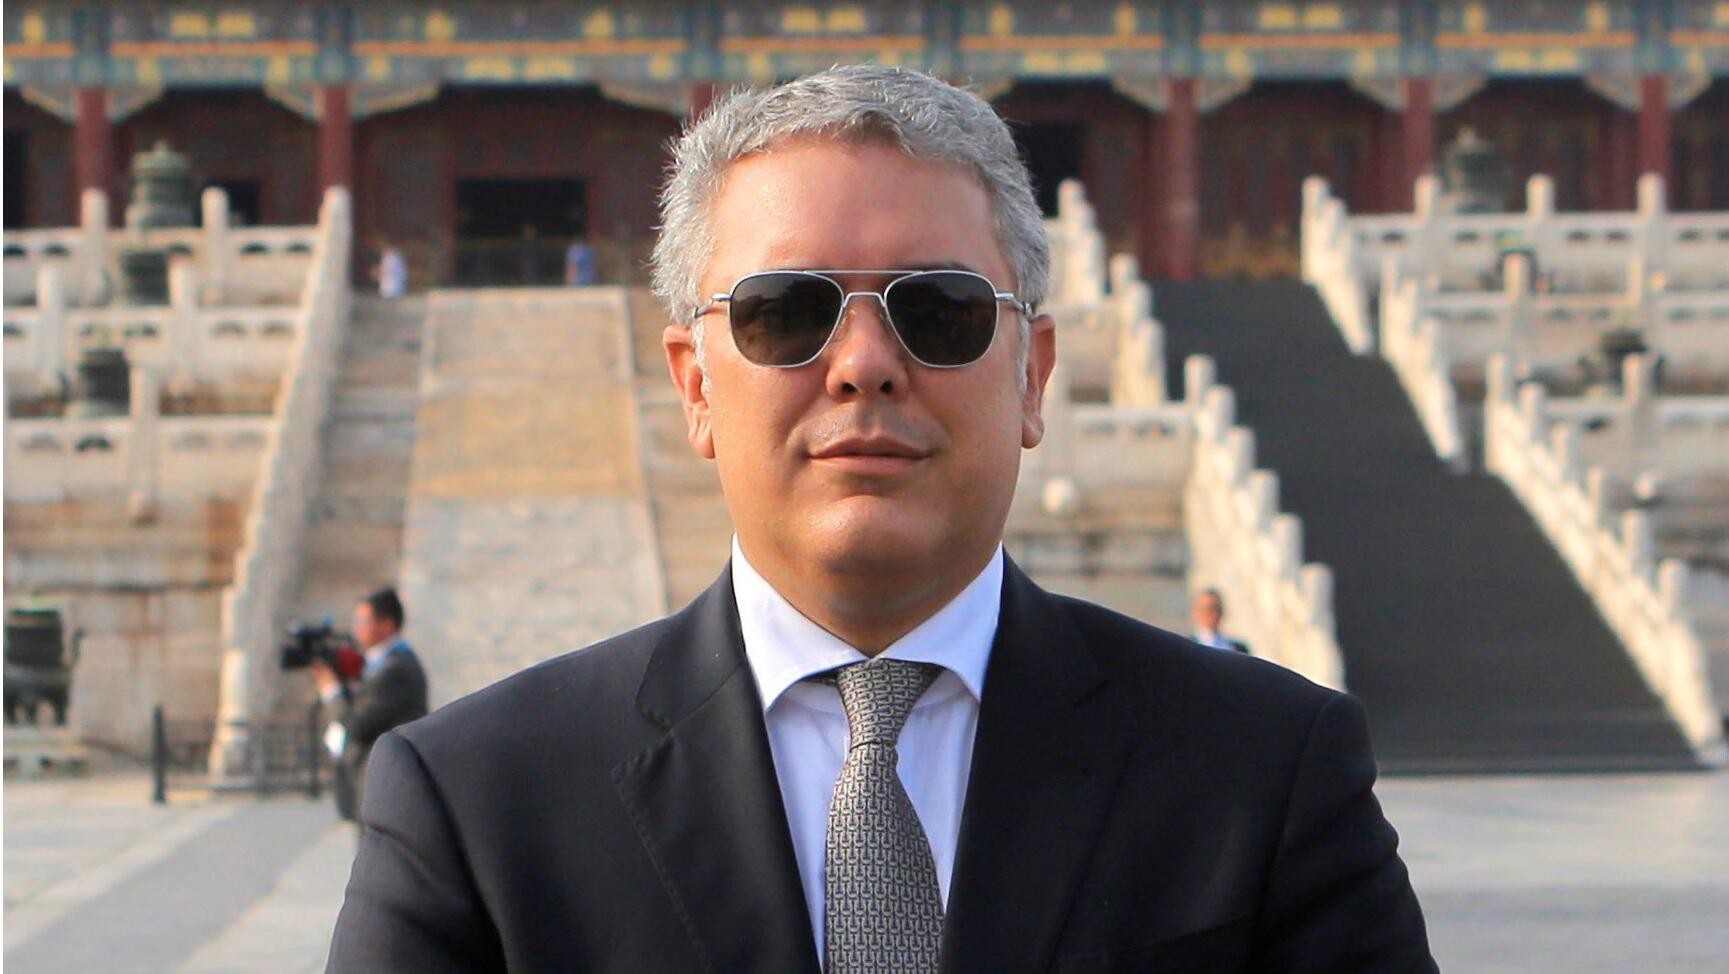 El presidente colombiano, Iván Duque Márquez, visita la Ciudad Prohibida en Beijing, China, el 30 de julio de 2019.